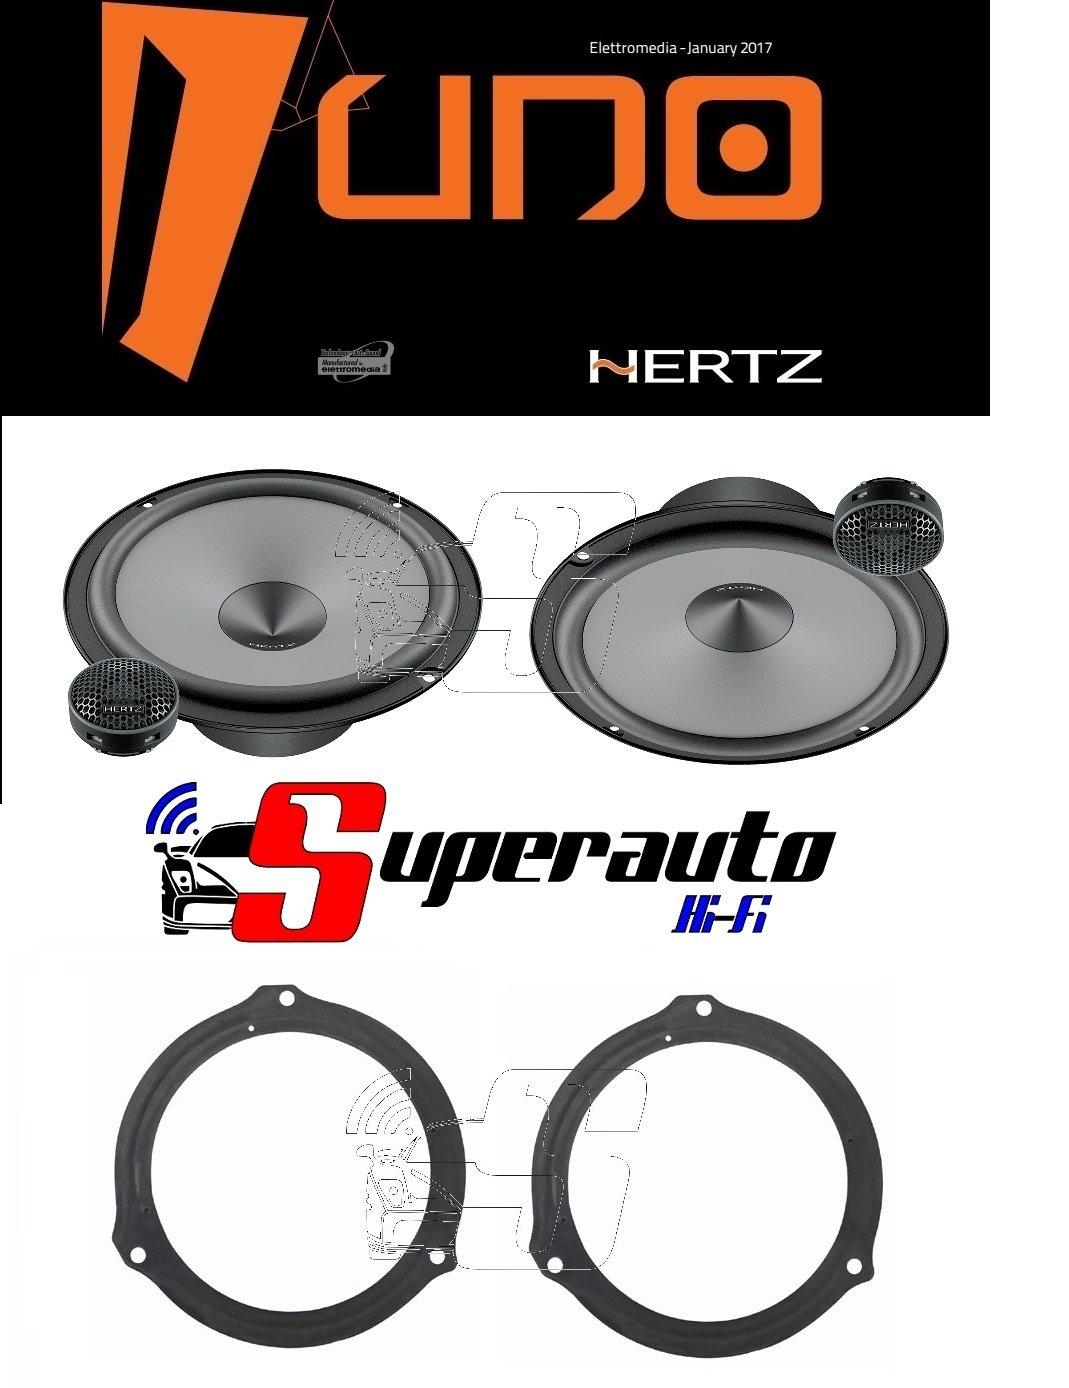 supporti casse FORD Ka dal 2009 Anteriore 165 cm Hertz LINEA UNO Altoparlanti coassiali da 165 mm X165 220 W